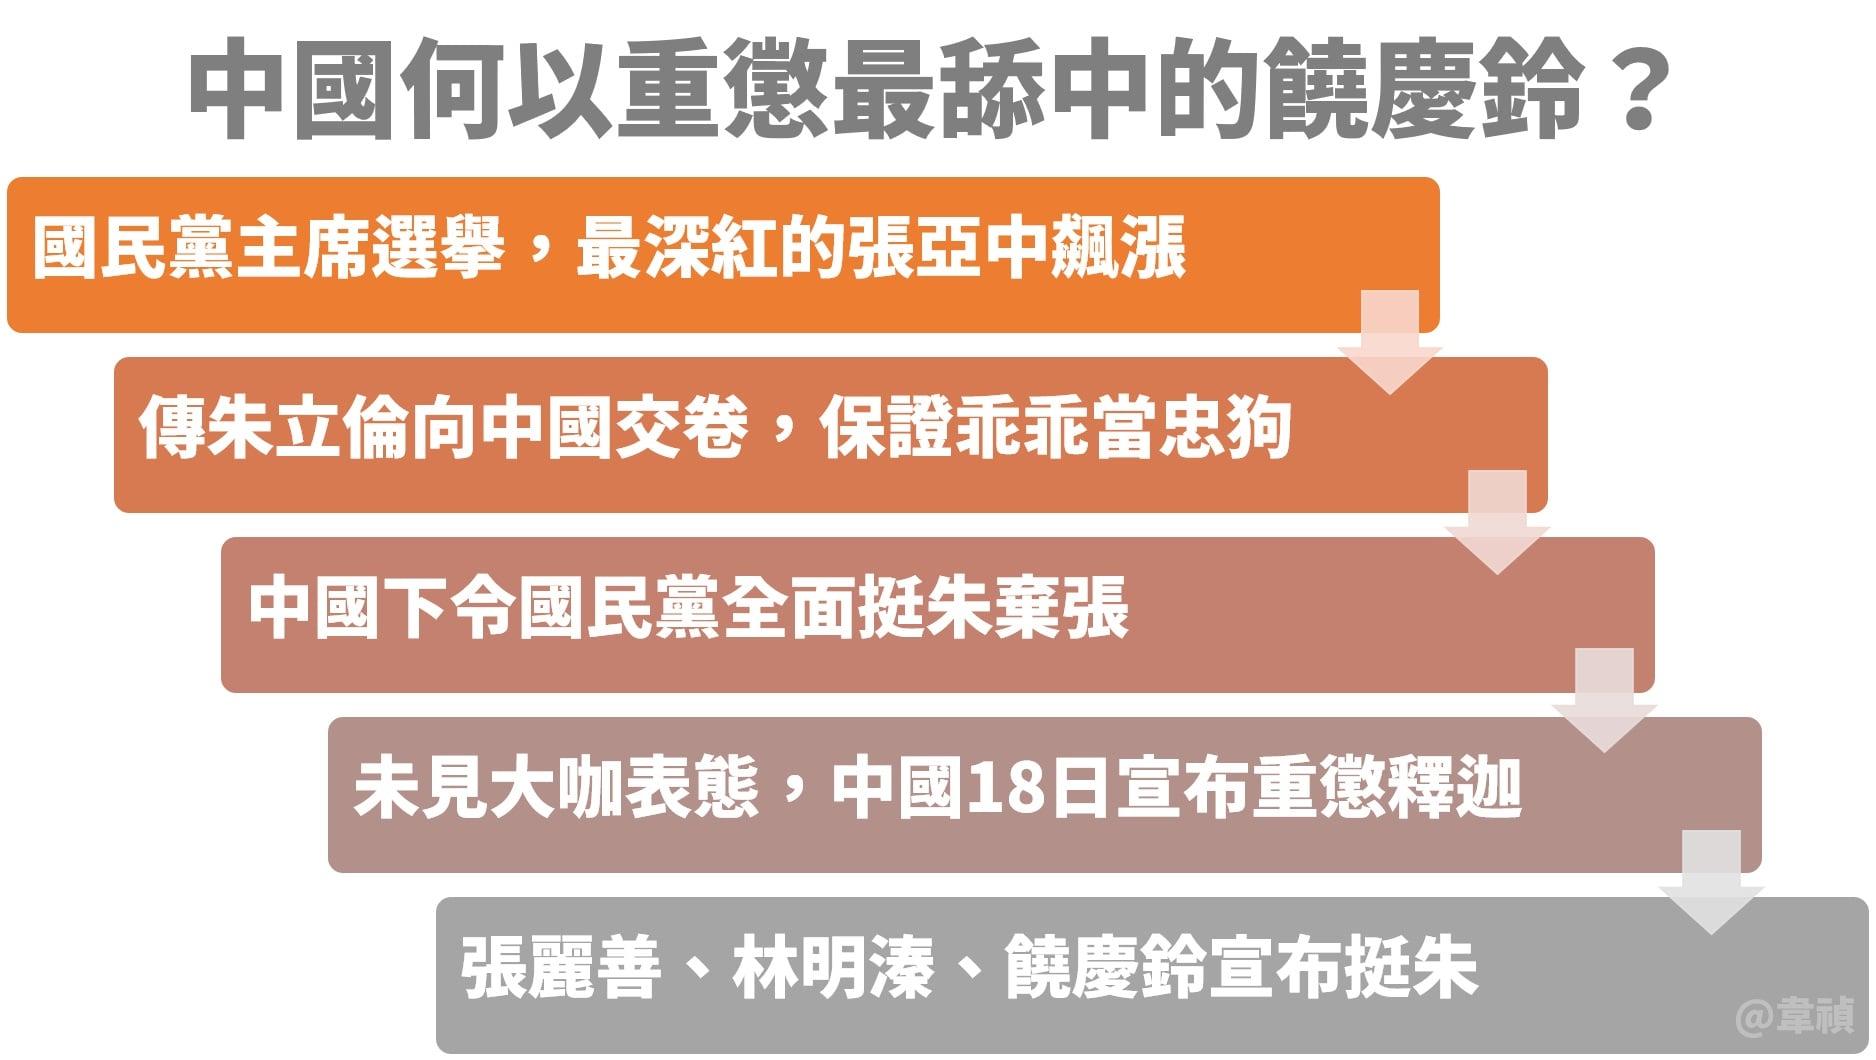 重懲台東就是中國操弄國民黨主席選舉